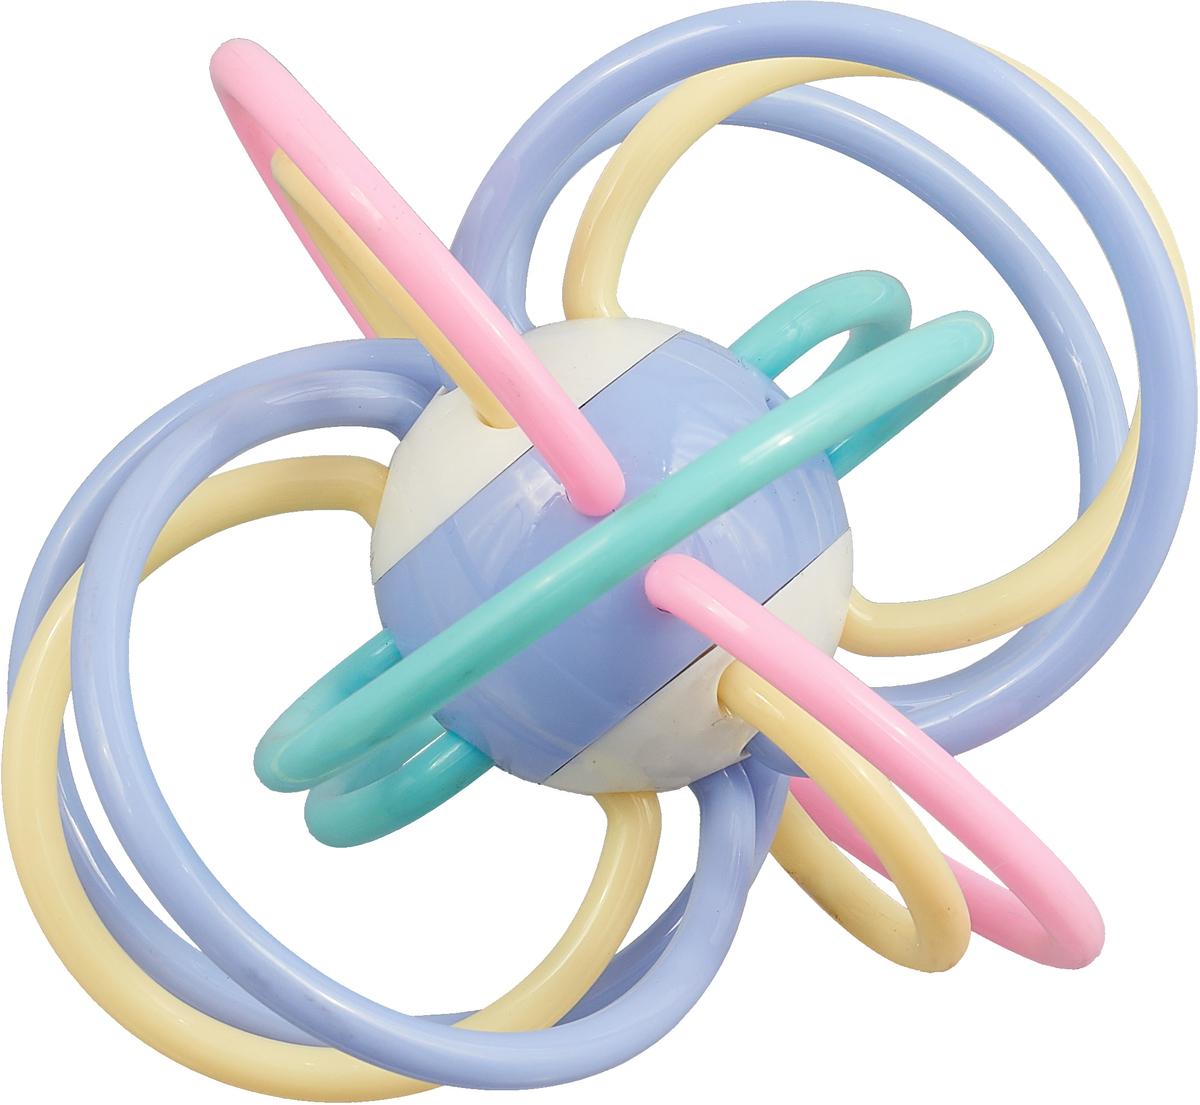 Ути-Пути Развивающая игрушка Шар цвет голубой розовый бежевый ути пути набор погремушек гремелки звенелки цвет красный желтый 2 шт